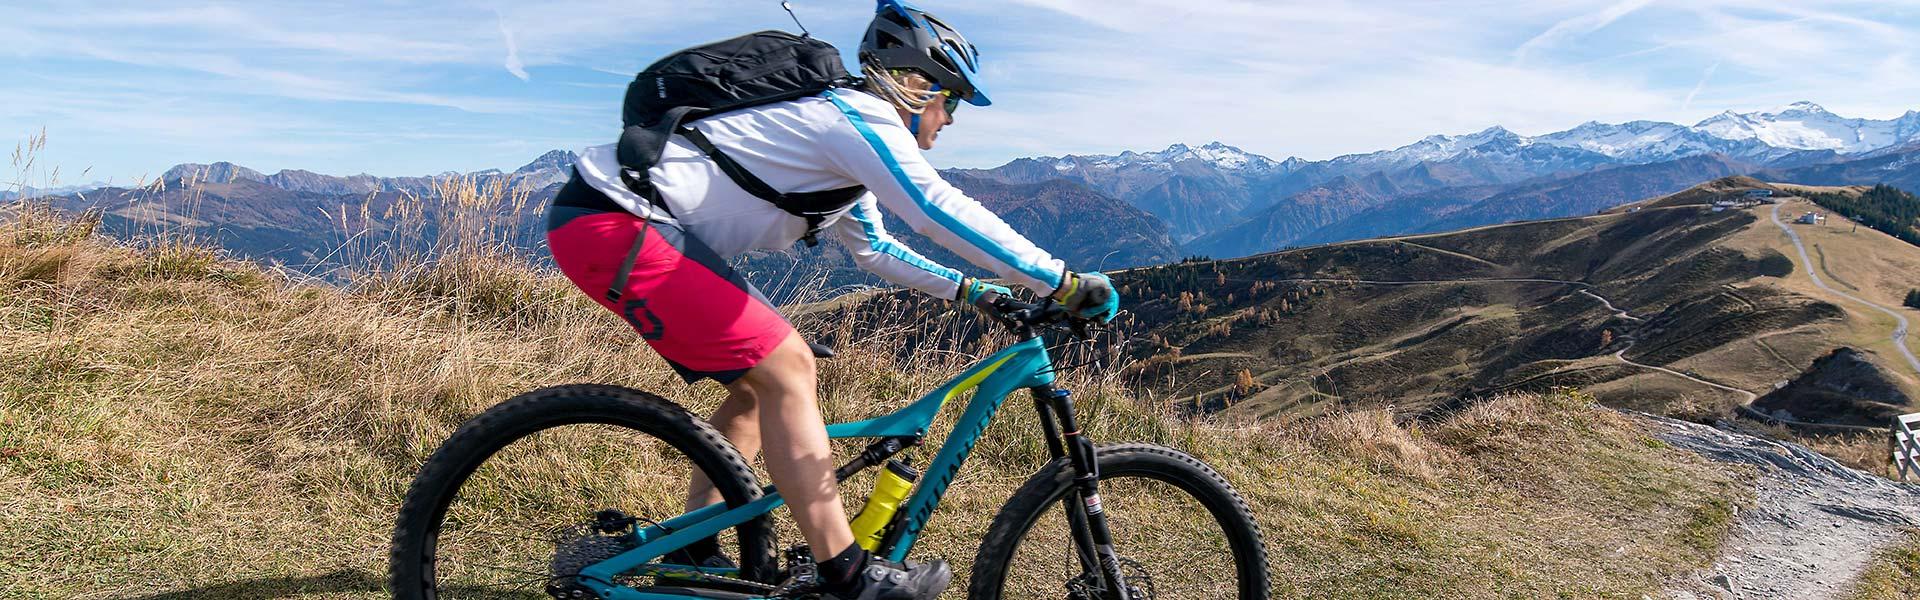 Mountainbiken im Gasteiner Tal